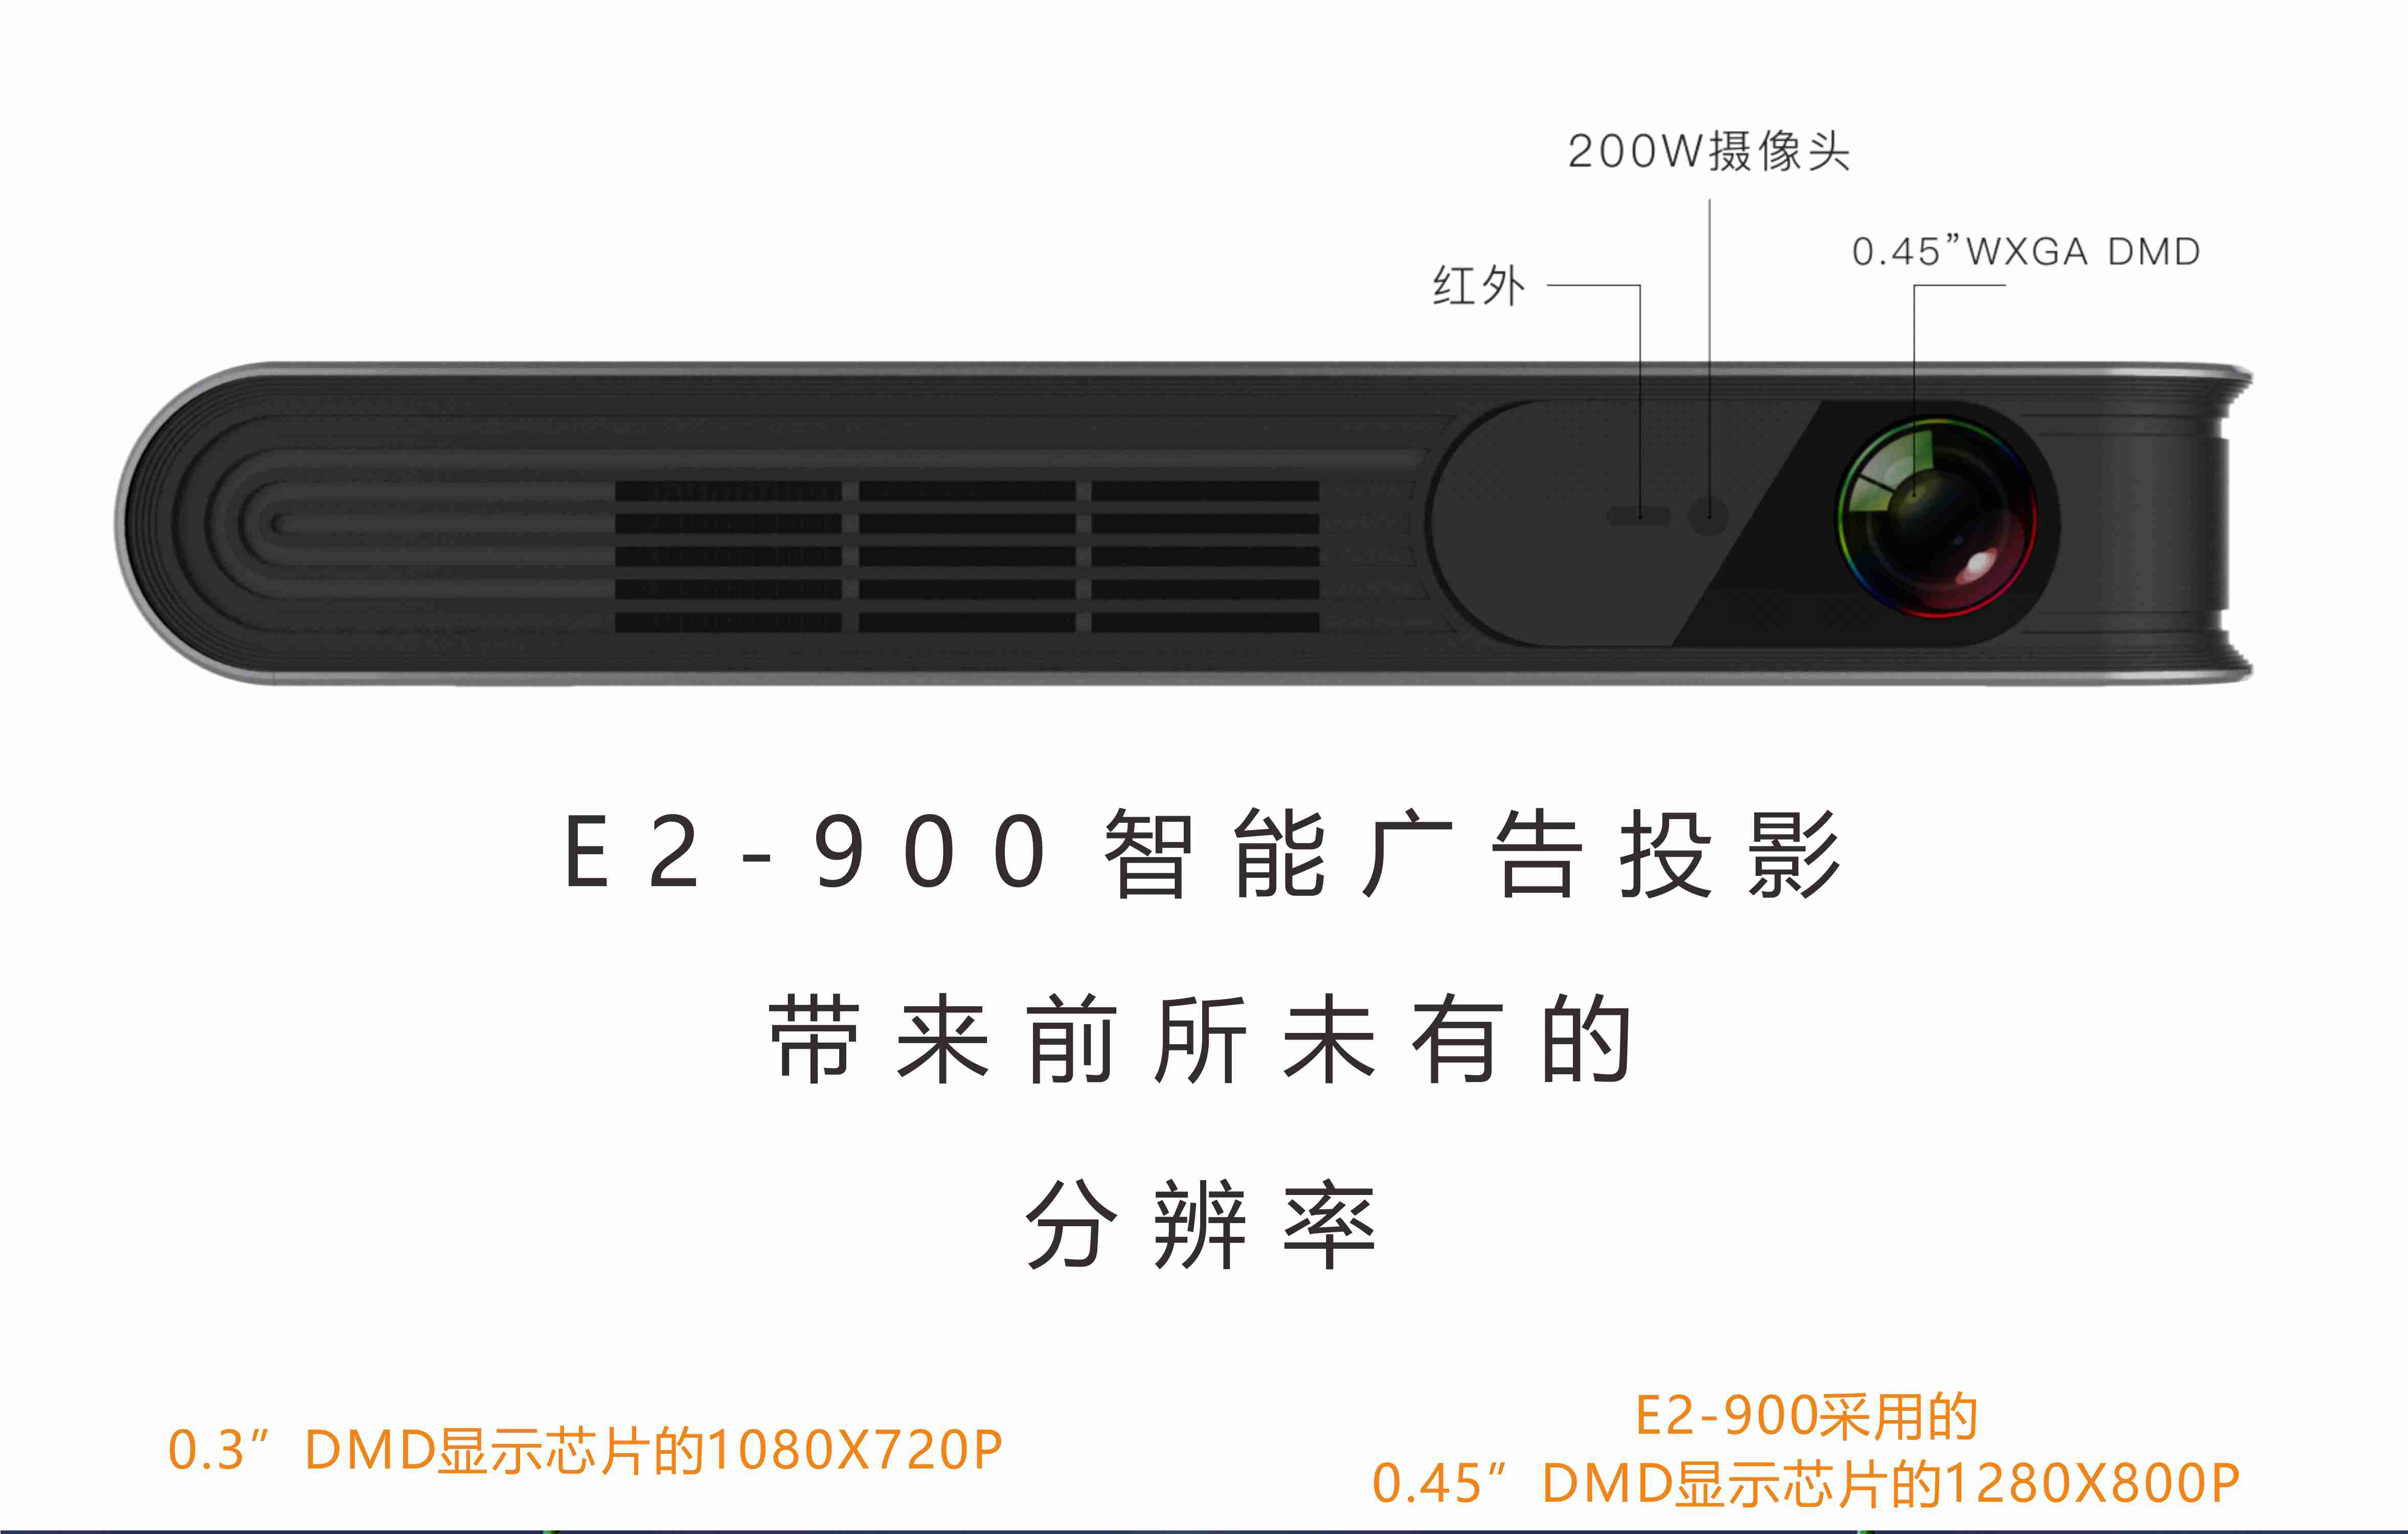 E2-900物联网数字新媒体